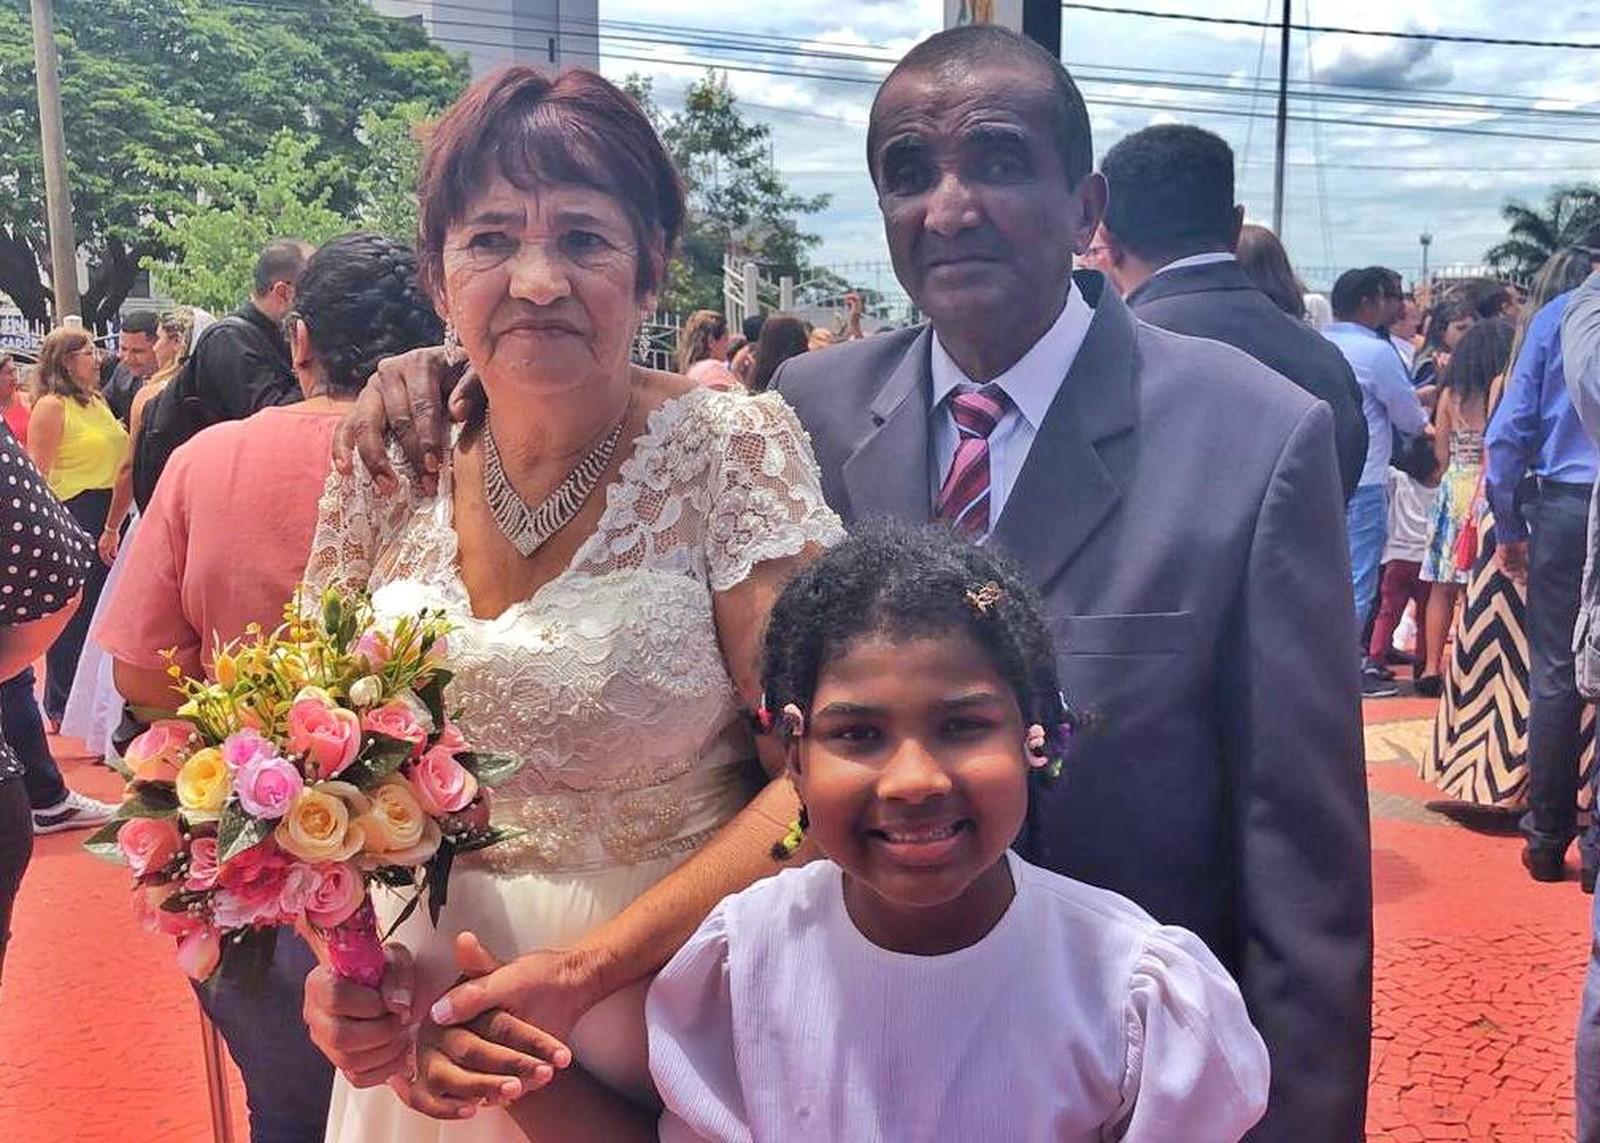 Acompanhada pela neta, ela e o noivo Roberto Silva, de 63 anos, celebraram sua união no religioso na manhã deste sábado (15).